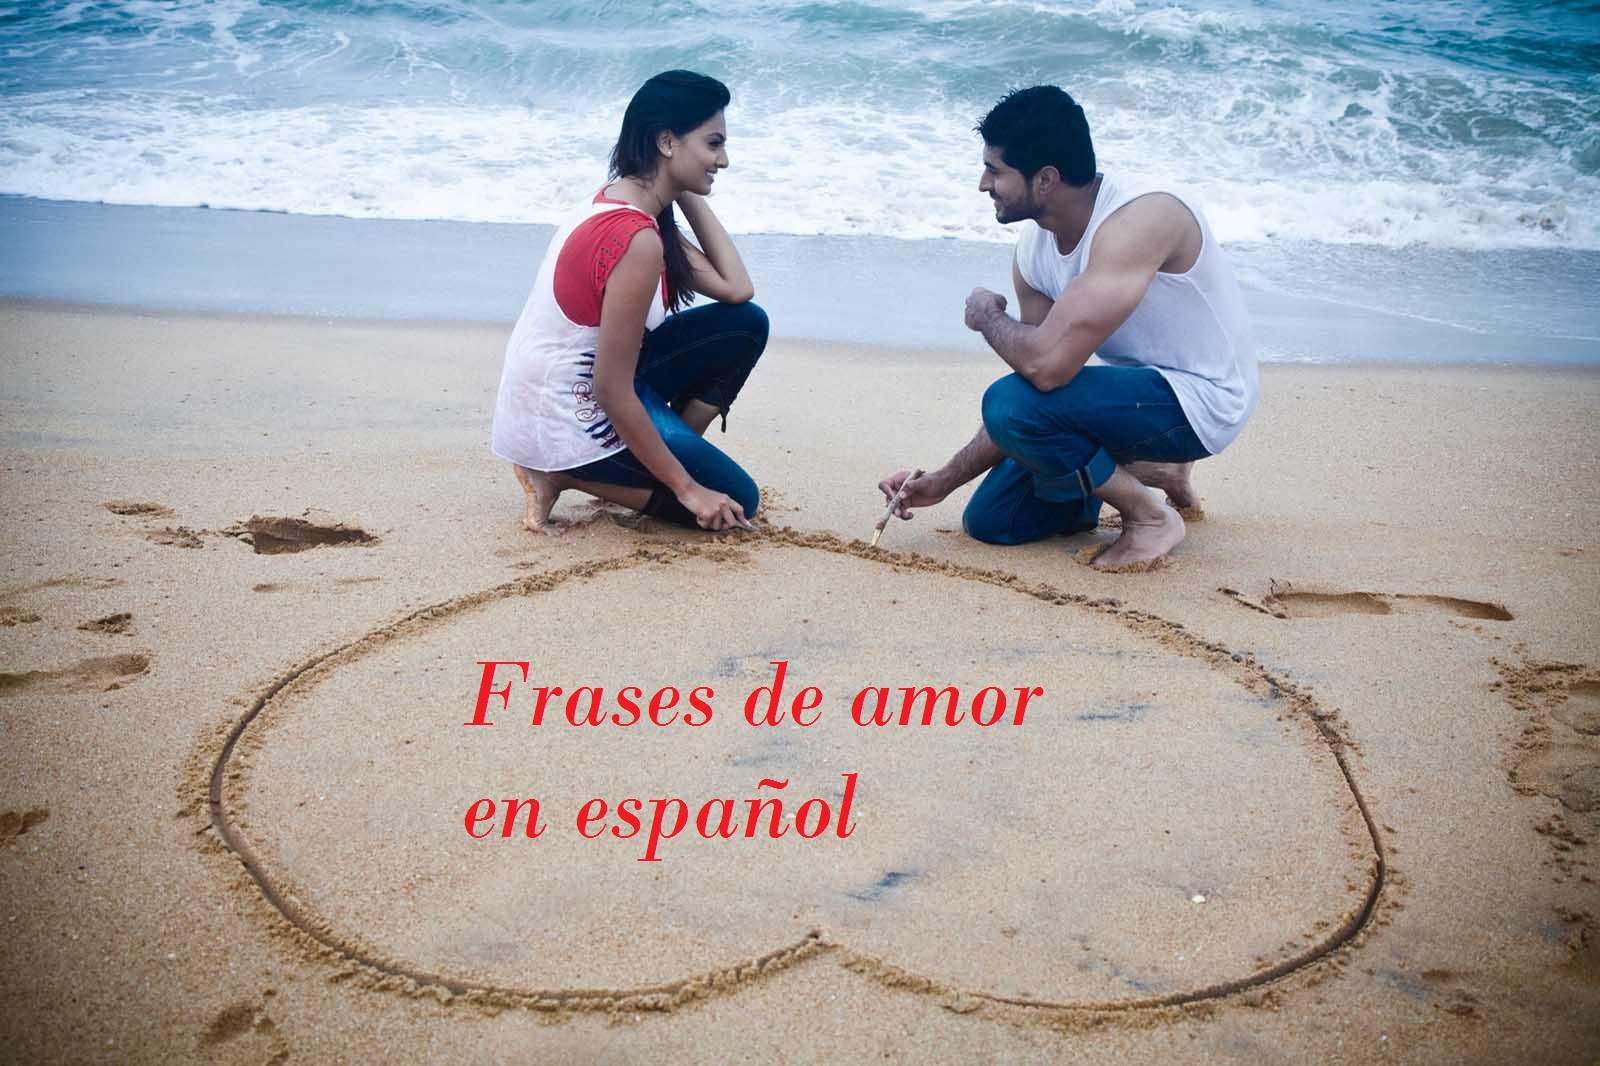 اسبانية مترجمة بالعربية اجمل قصائد الحب باللغة الاسبانية